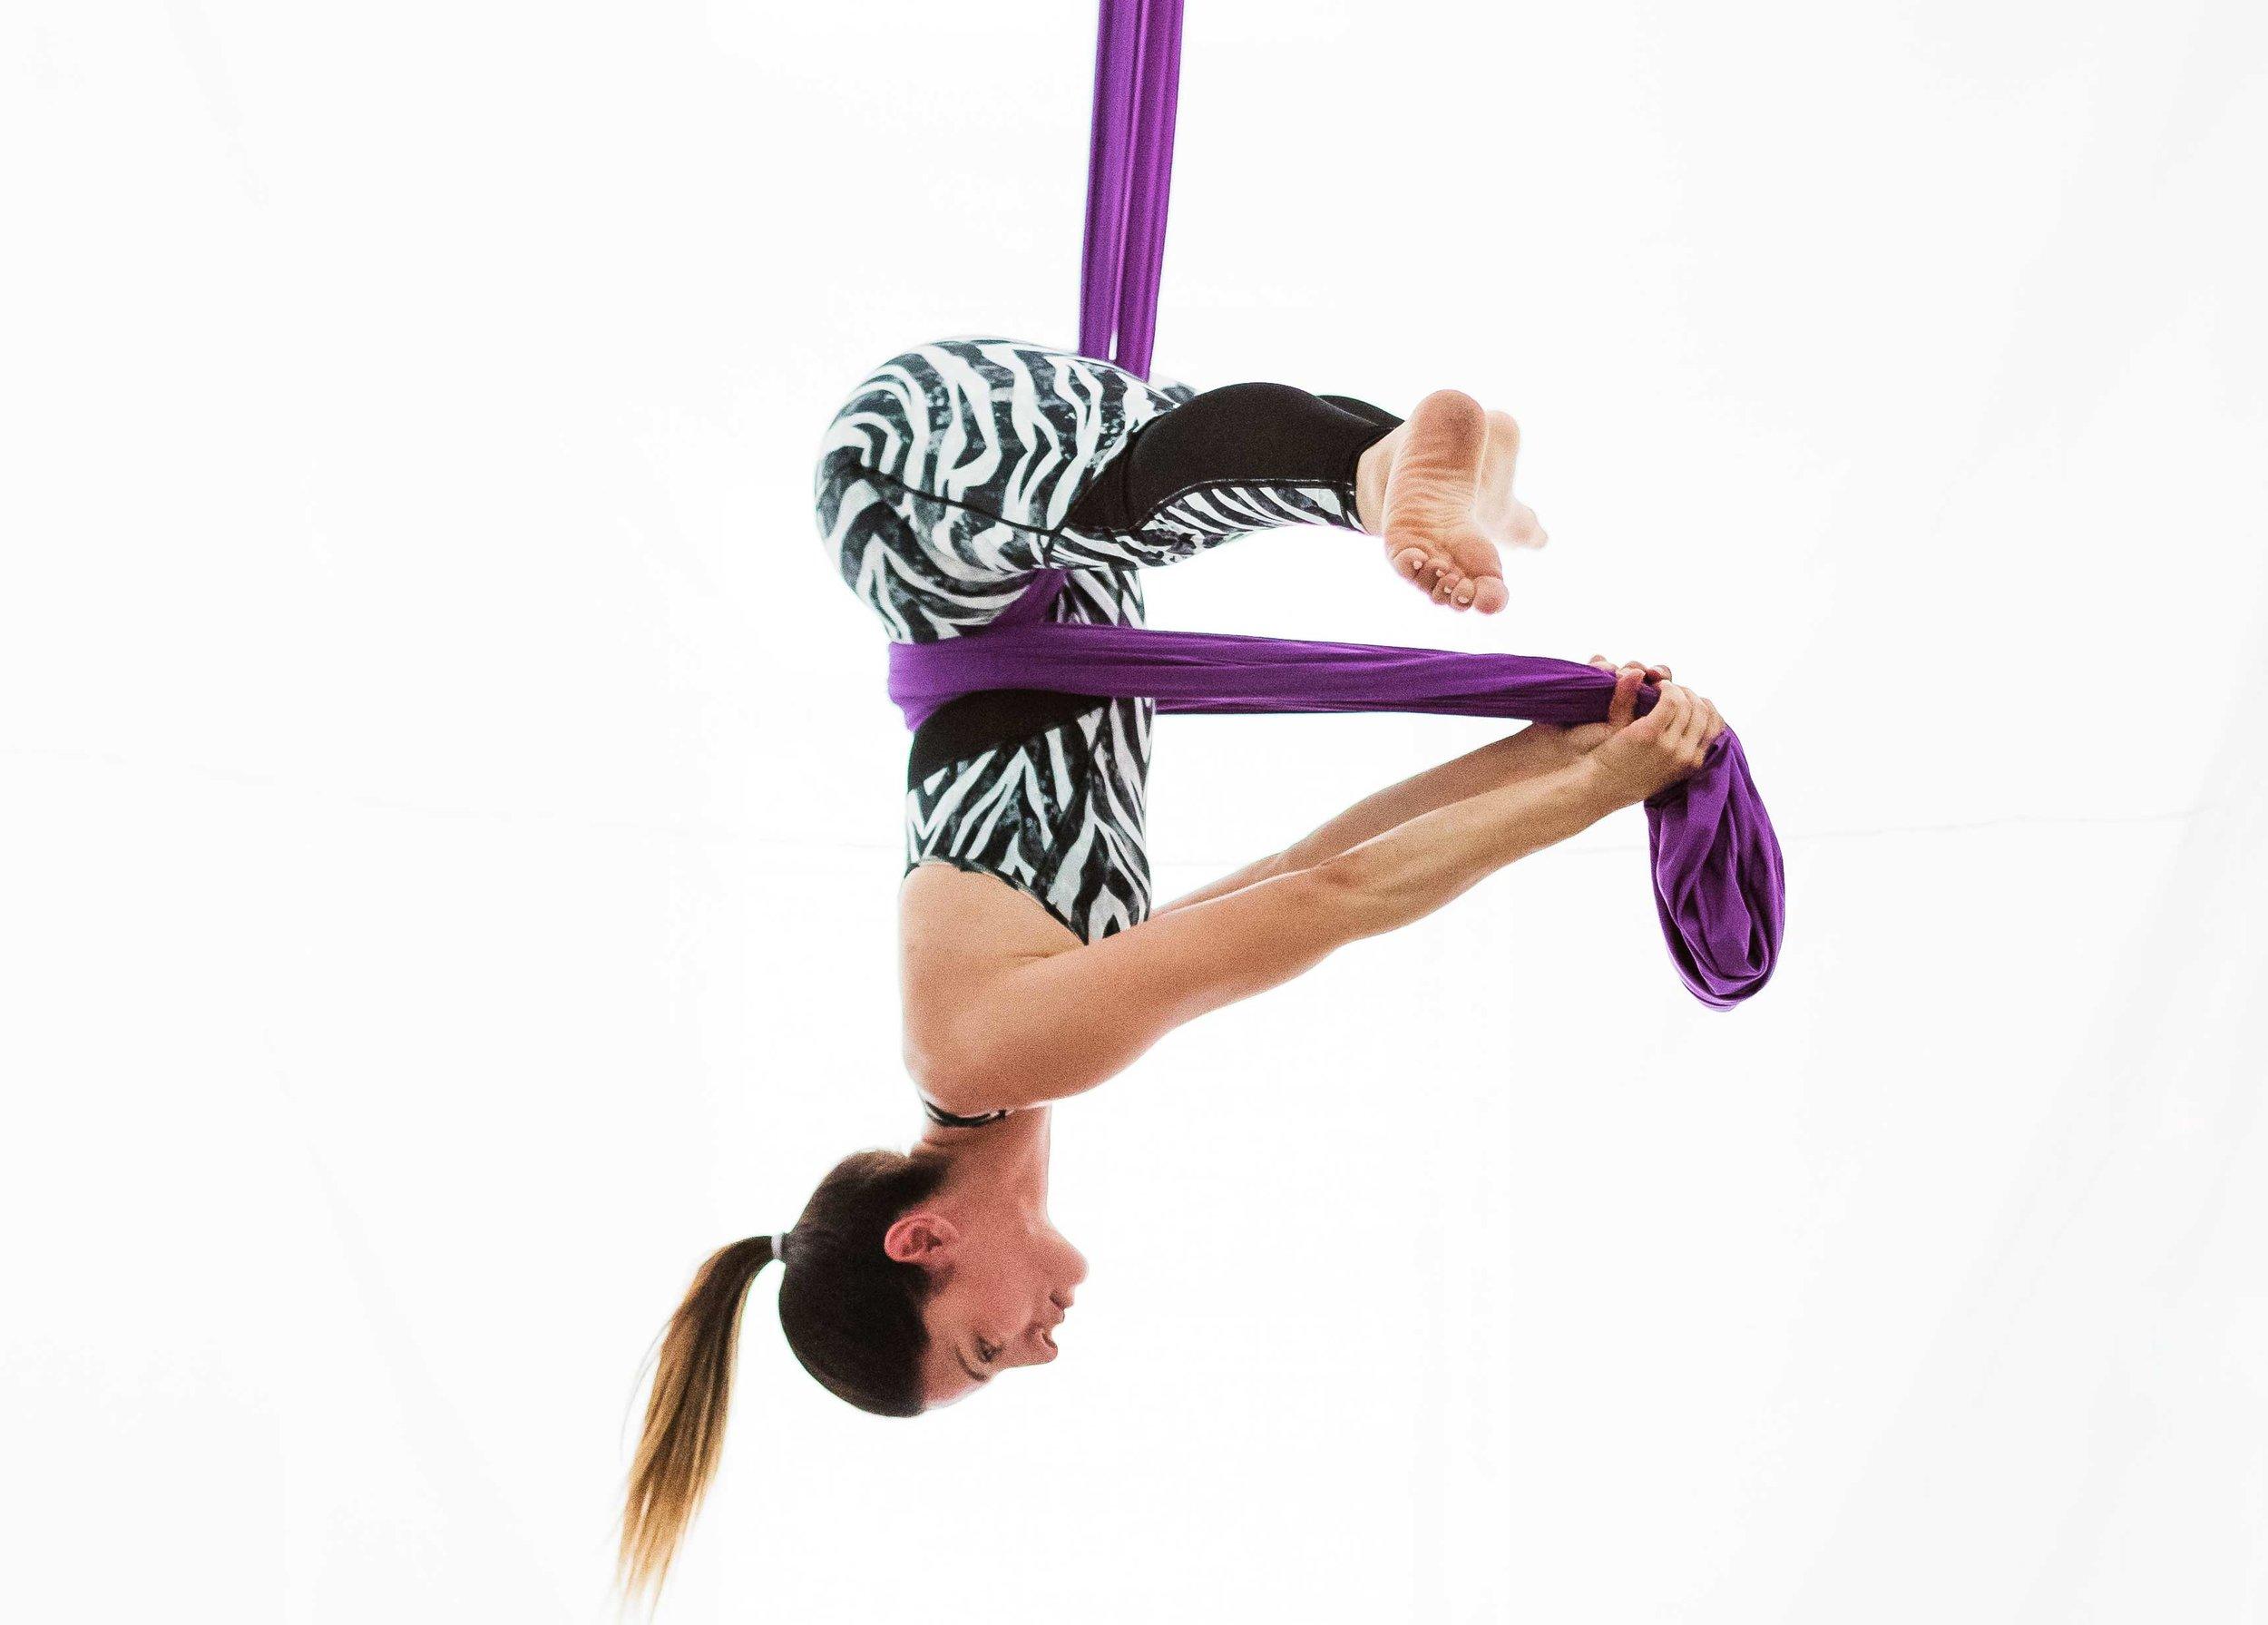 Aerial Dance - Aerial Dance Poses - Katerina ThymiJune 2019